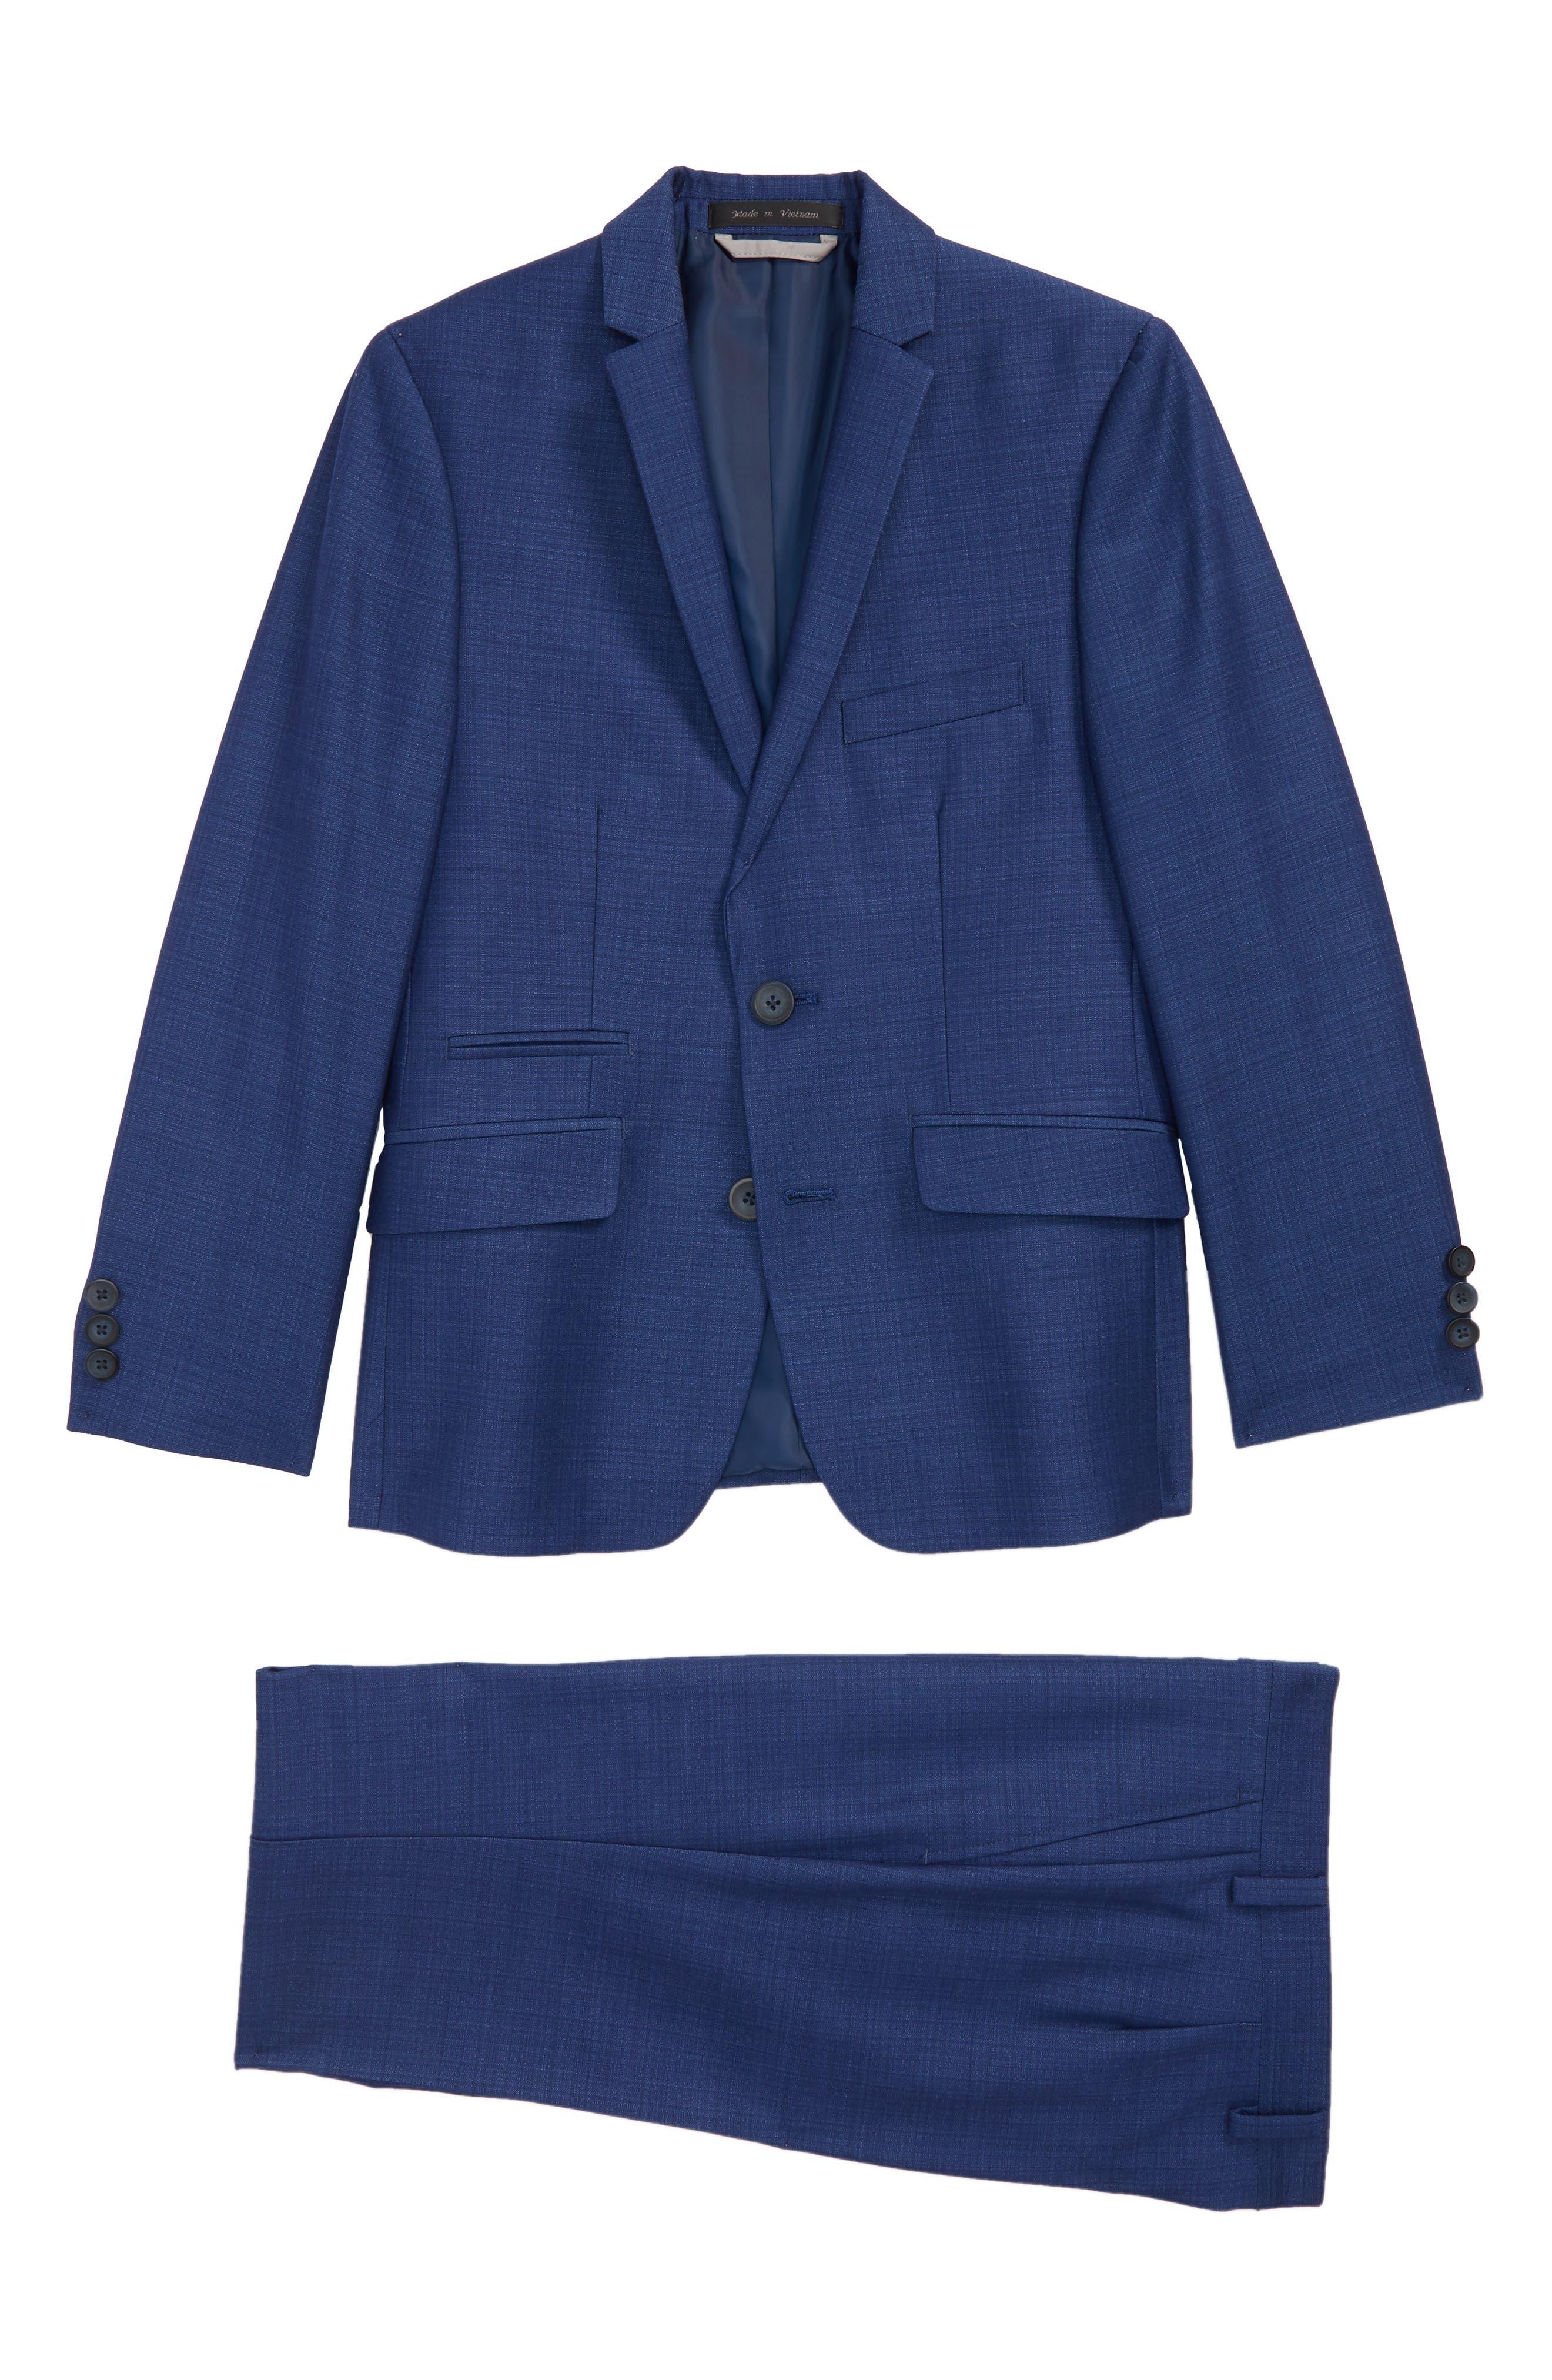 Textured Suit,                             Main thumbnail 1, color,                             420